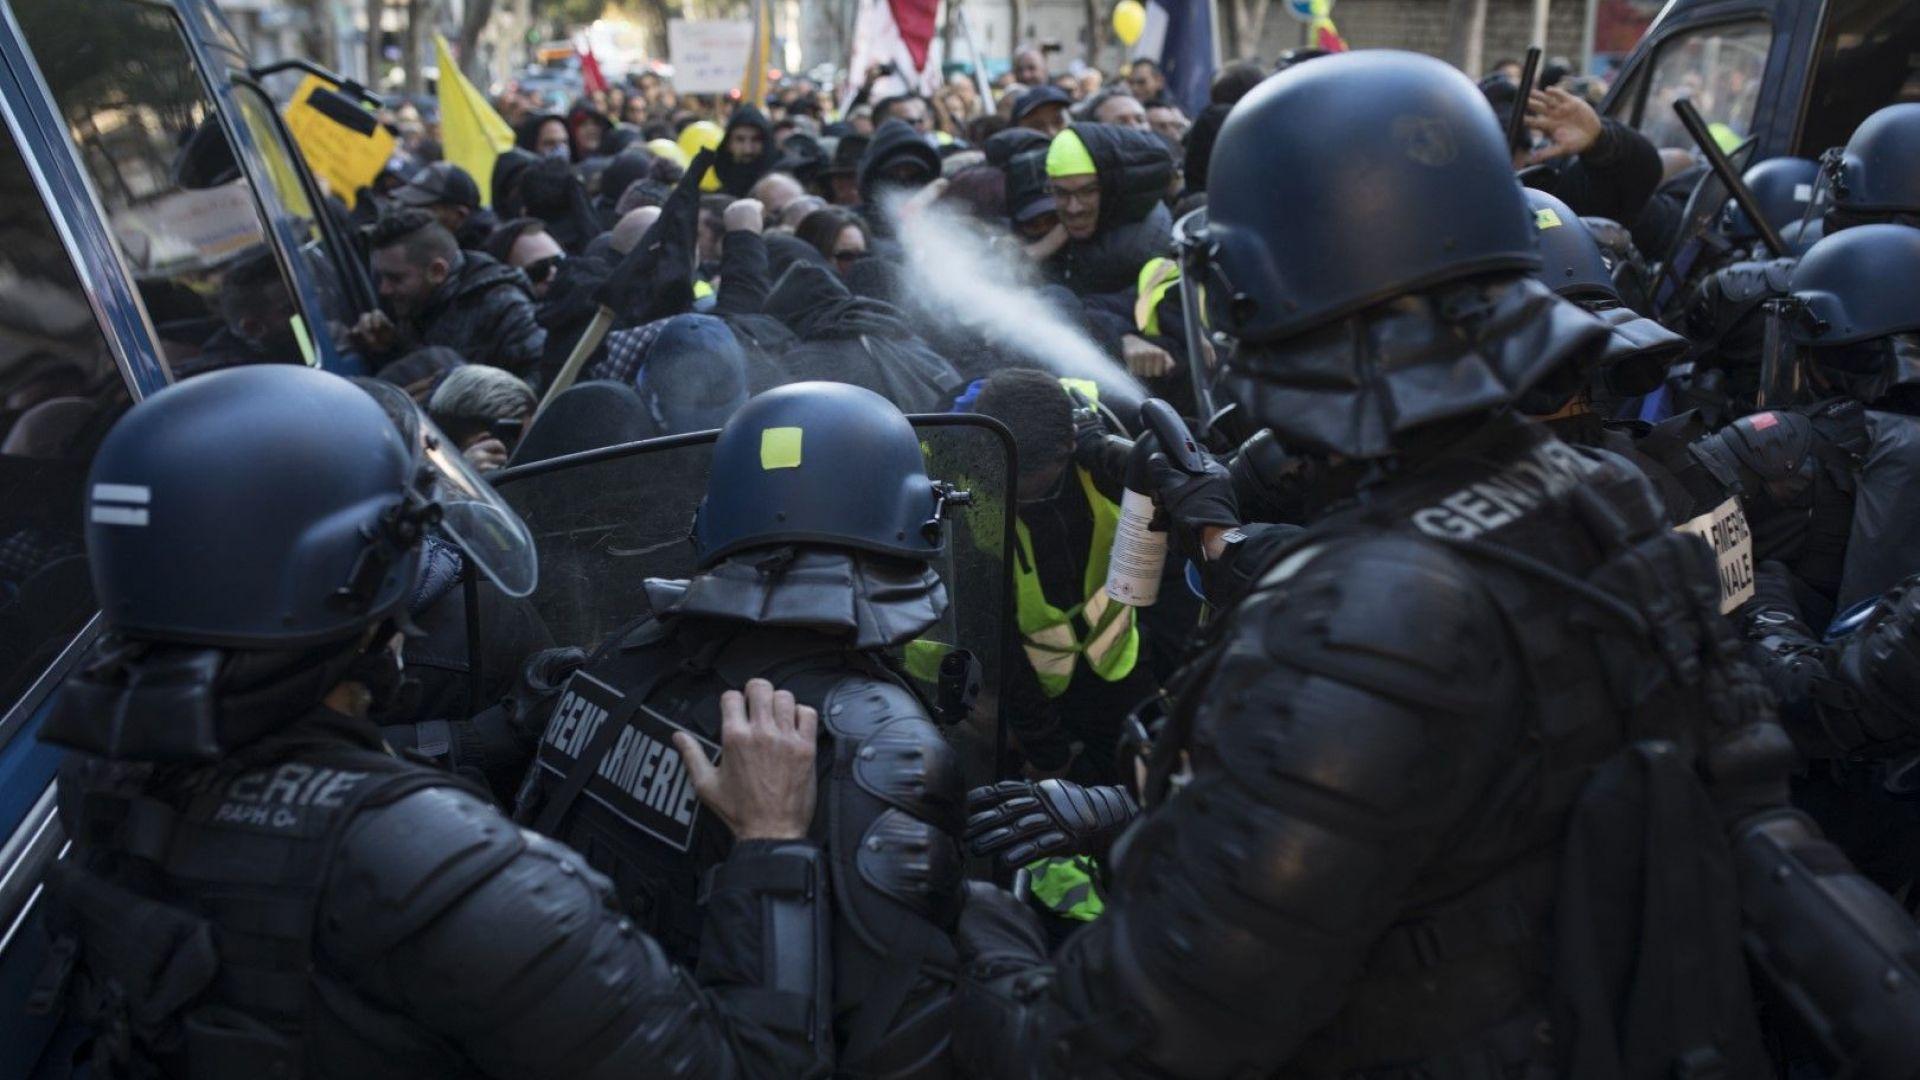 Нови сблъсъци, водни оръдия, арести: една година гневът на жълтите жилетки не напуска Париж